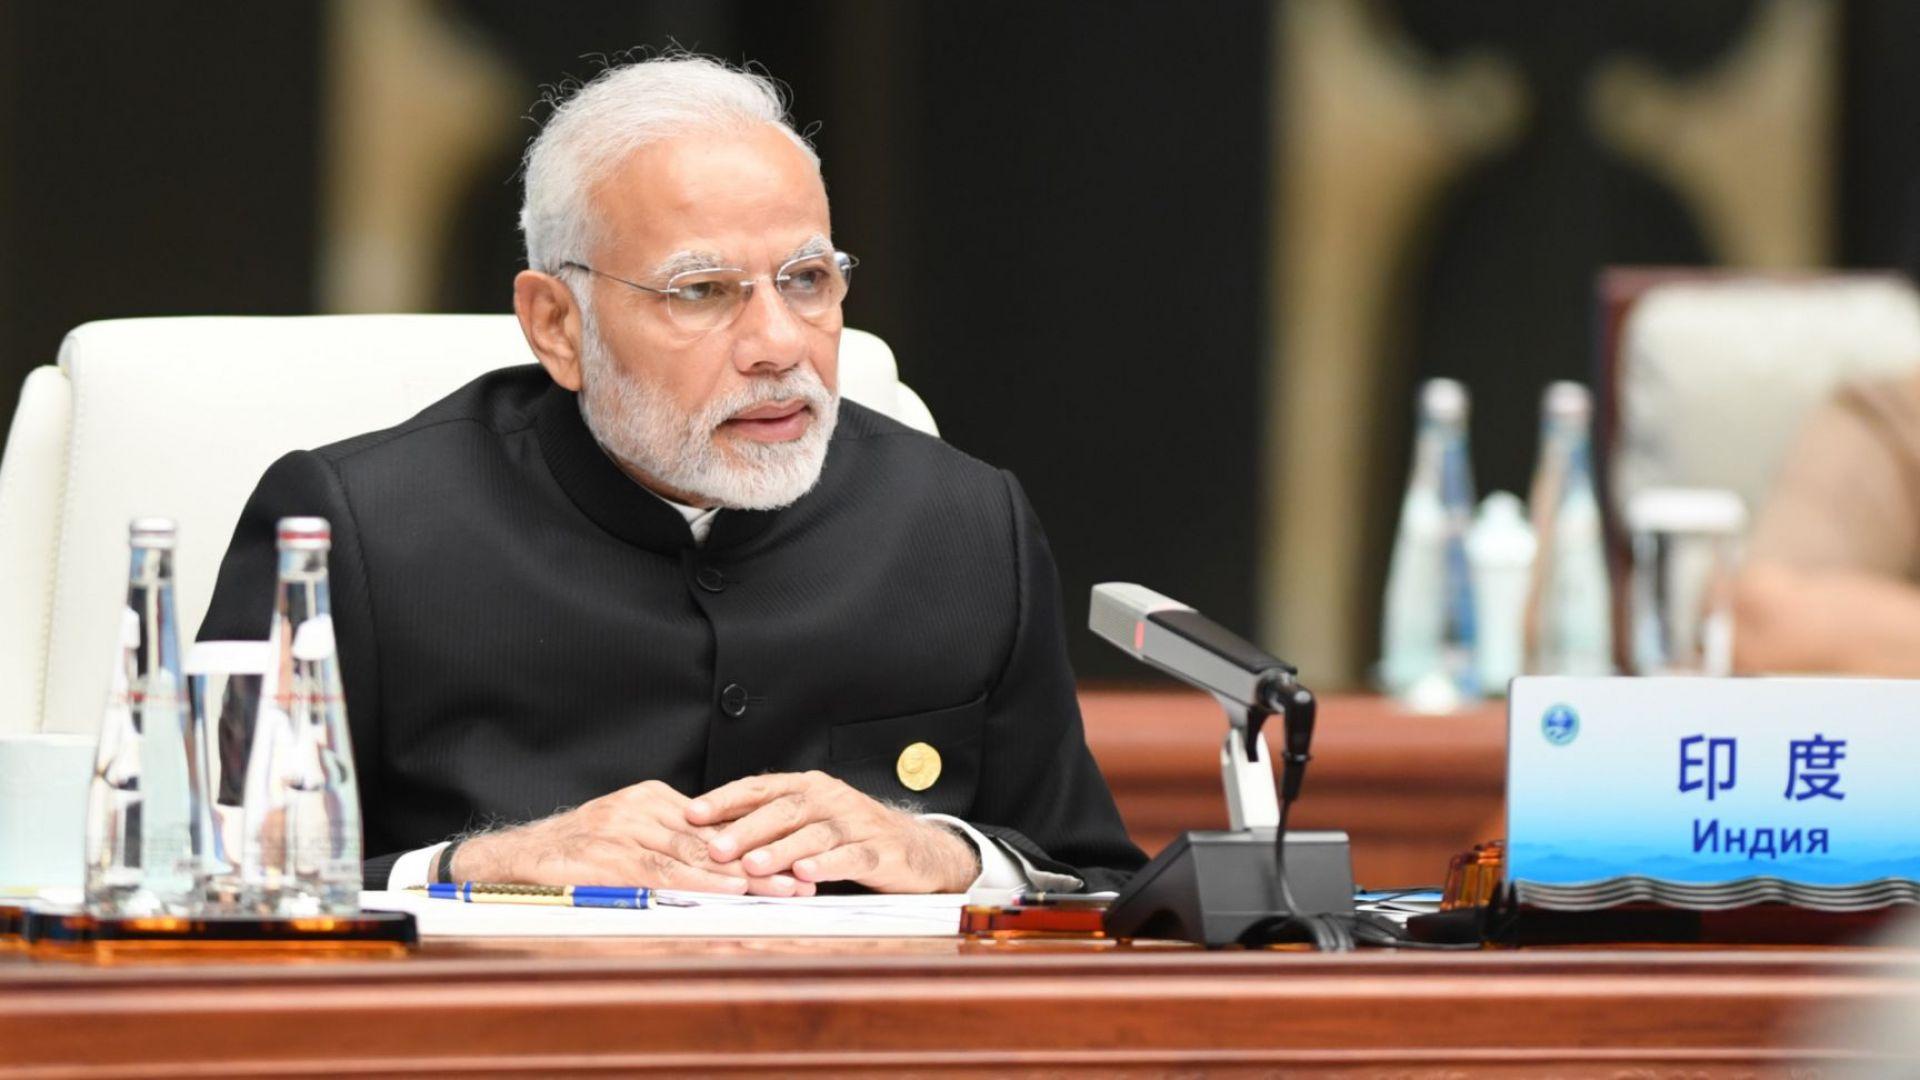 Индия хвърля $1,46 трлн. в икономическата война с коронавируса